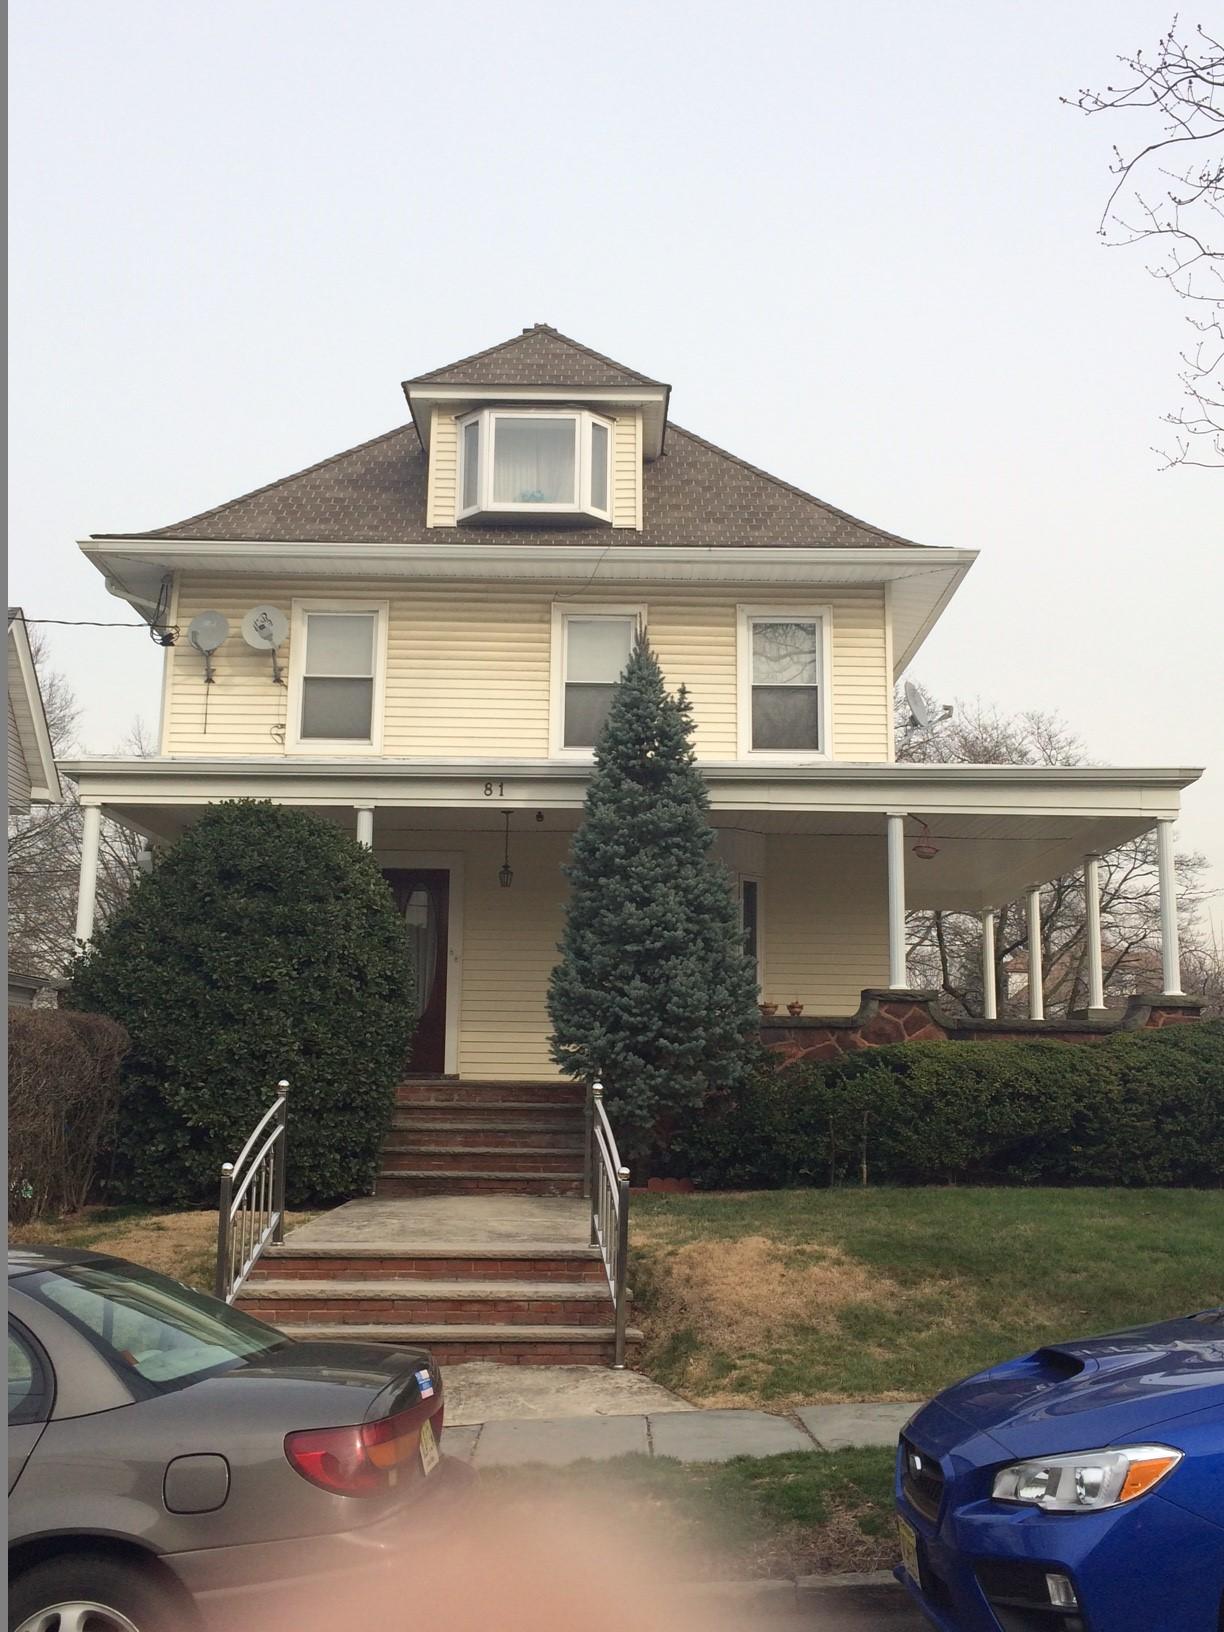 81 Laurel Ave., Kearny, New Jersey 07032